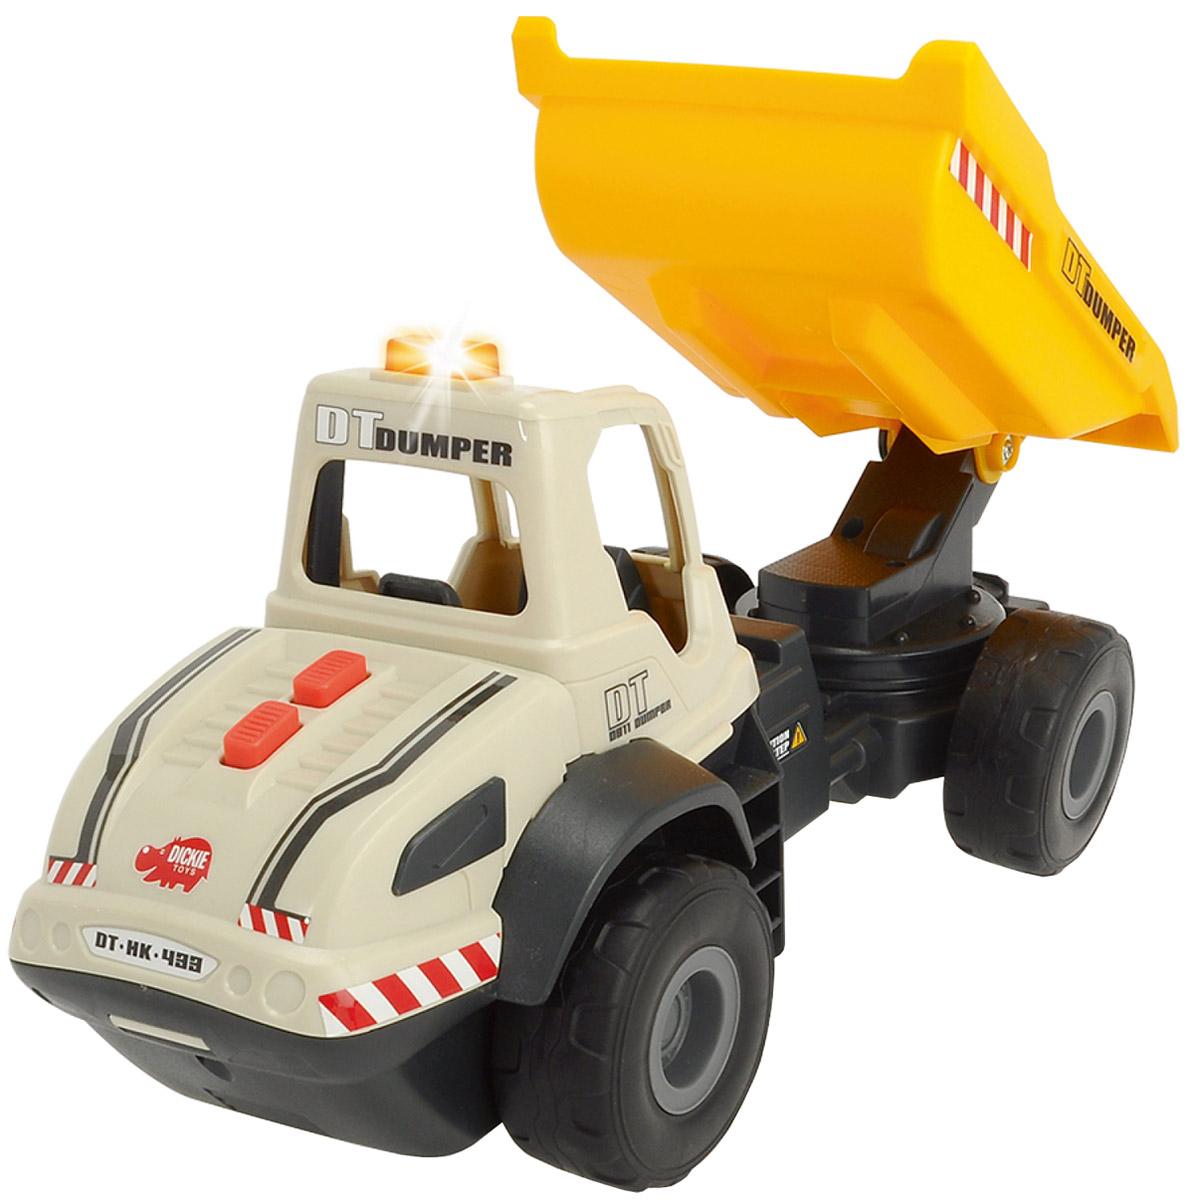 Dickie Toys Самосвал цвет серый желтый3726002Самосвал Dickie Toys является достойным представителем игрушечной строительной техники. Мощный самосвал выполнен очень реалистично и полностью функционален. Движение кузова управляется с помощью двух кнопок, расположенных на капоте, и сопровождается характерными звуками. Одна кнопка поднимает кузов, другая опускает. При движении кузова загорается оранжевая лампочка на крыше самосвала. Большие и устойчивые колеса самосвала прекрасно справляются с любой поверхностью. С таким многофункциональным самосвалом ребенку будет очень интересно играть и дома, и на улице в песочнице. Рекомендуется докупить 2 батарейки напряжением 1,5V типа АА (товар комплектуется демонстрационными).